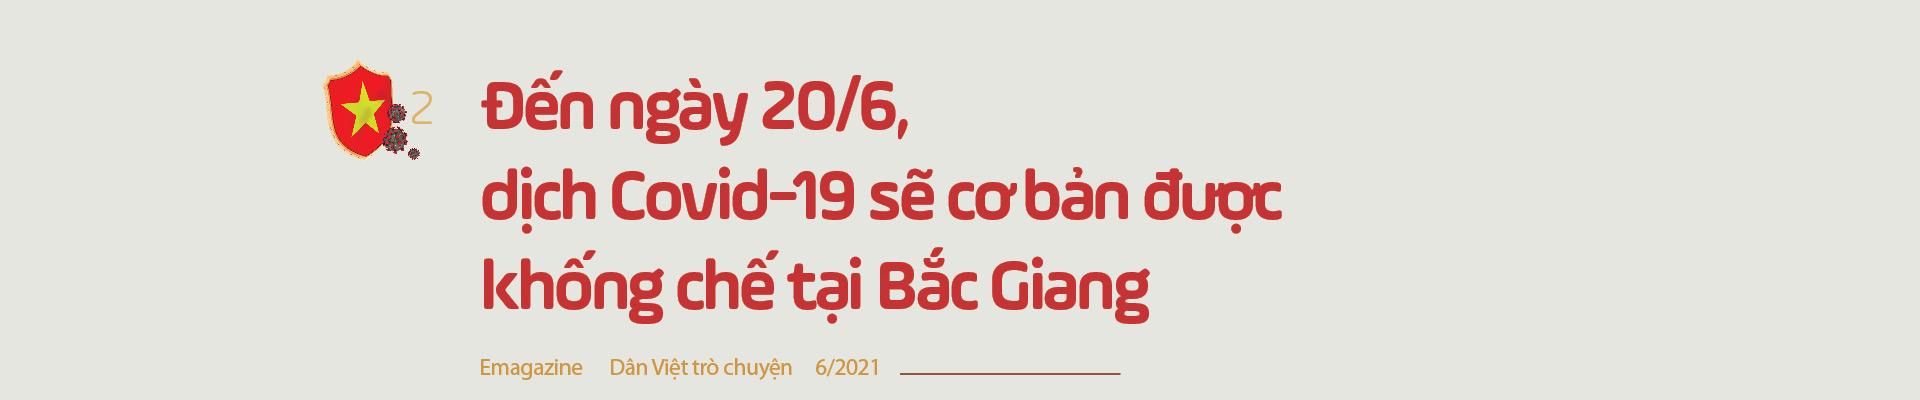 Ủy viên Trung ương Đảng, Bí thư Tỉnh ủy Bắc Giang Dương Văn Thái: Mùa vải nóng sẽ…ngọt ngào! - Ảnh 13.